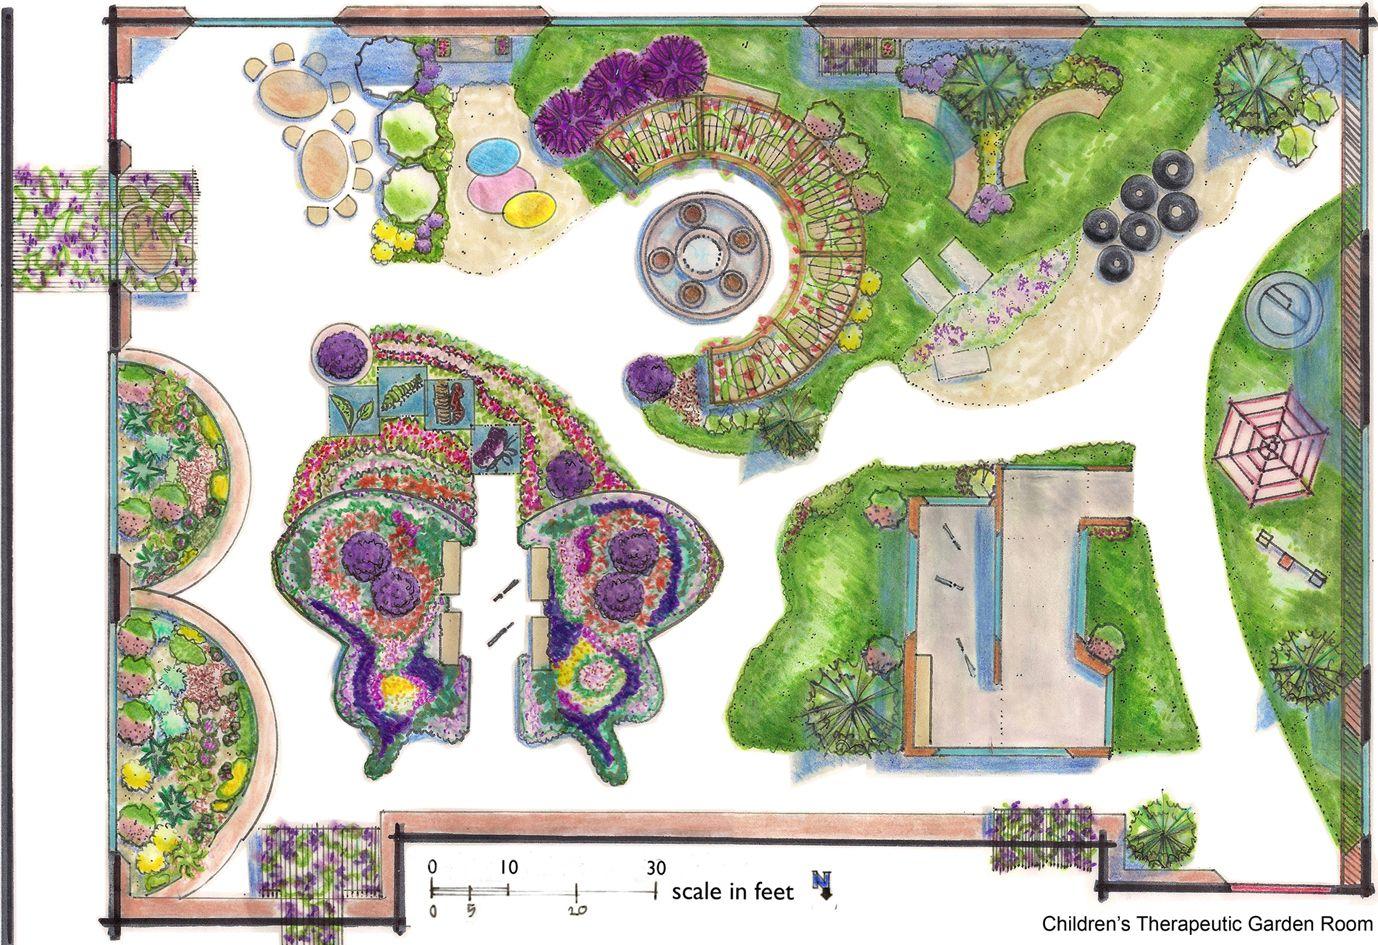 4e09f35927c761a3353222e626508702 Jpg 1378 945 Home Garden Design Garden Design Healing Garden